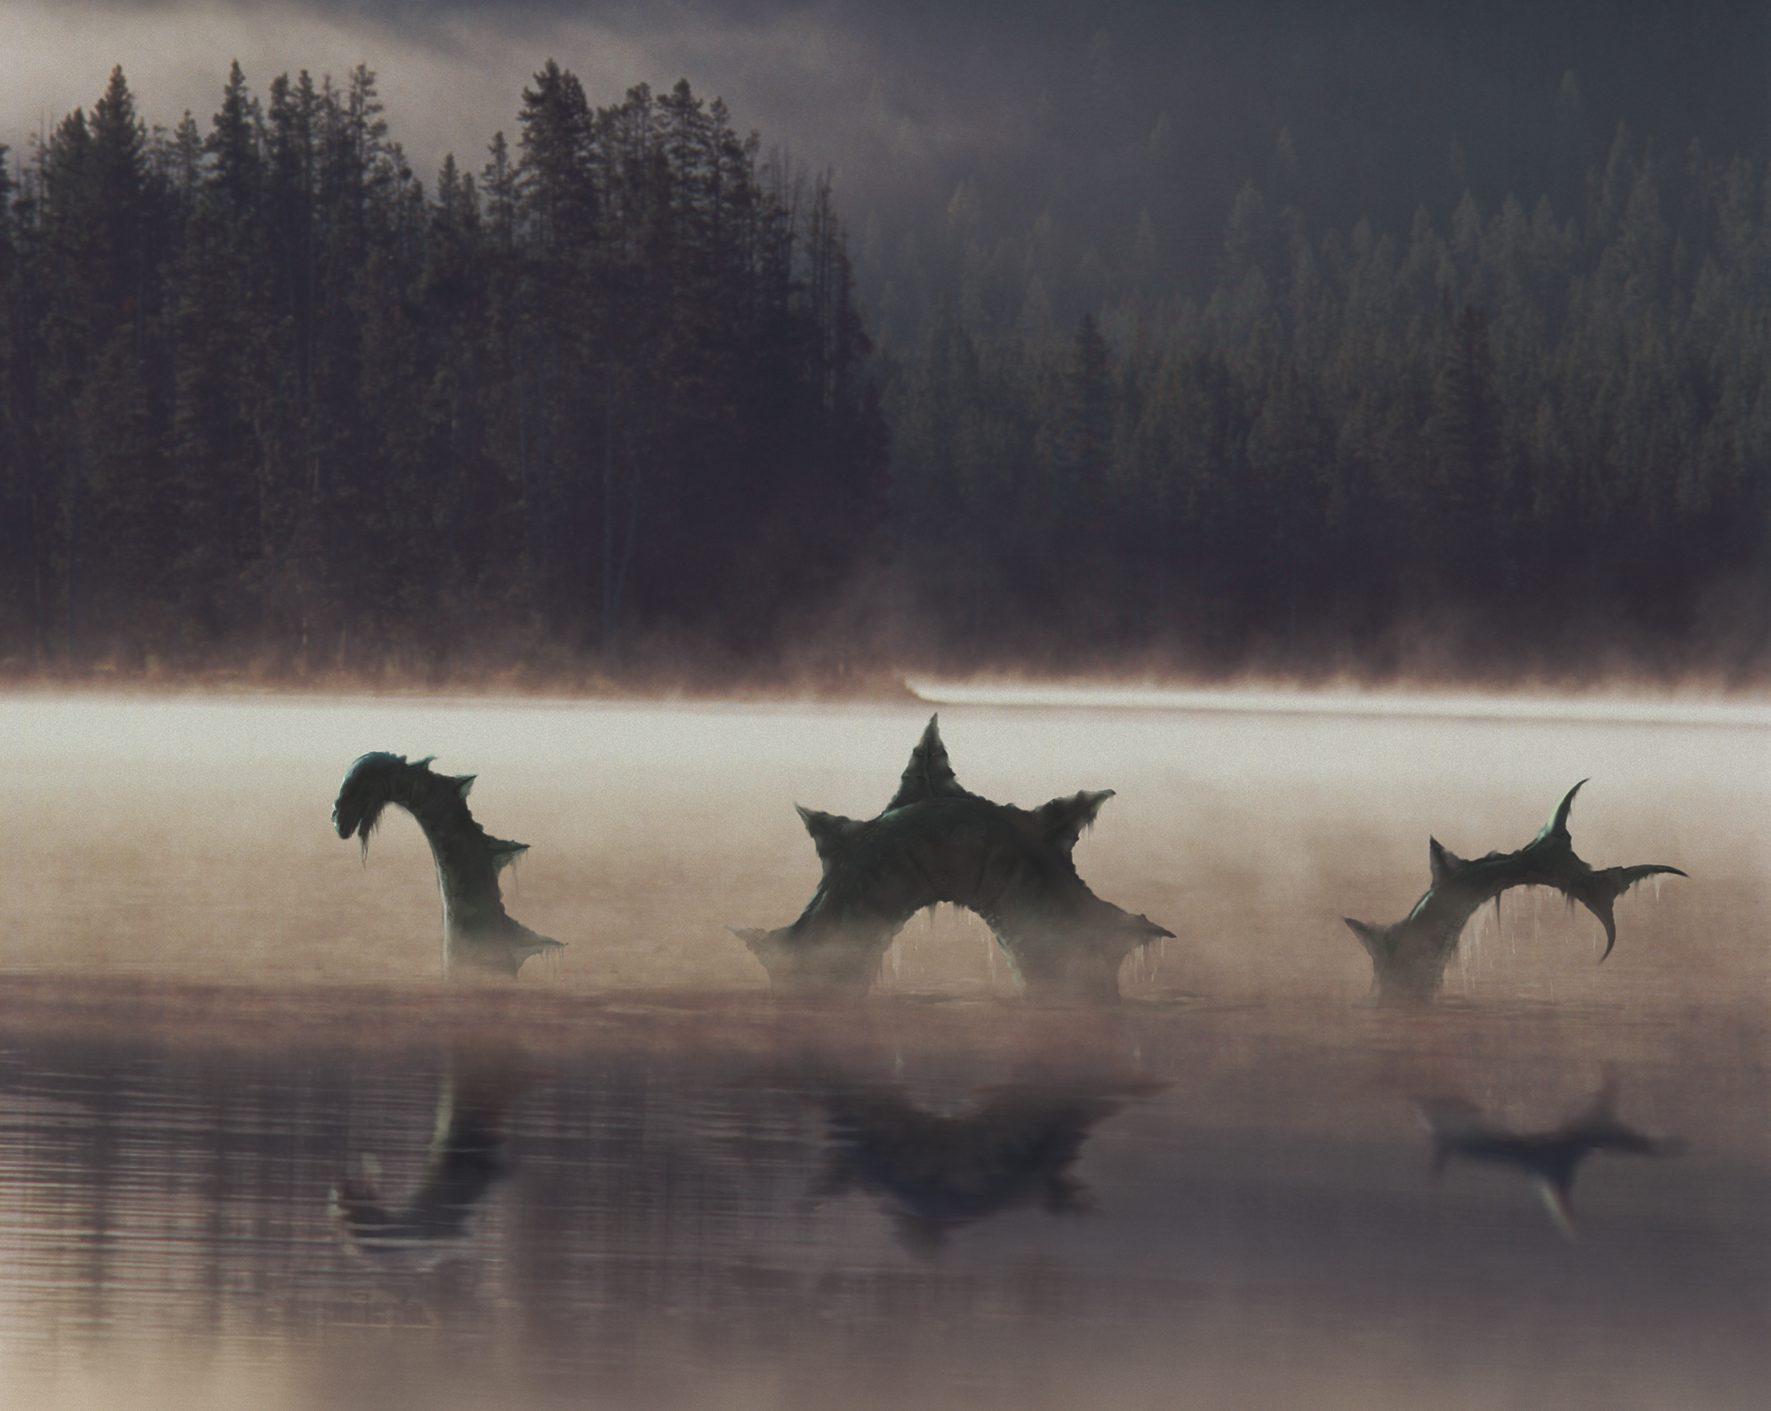 Storsjöodjuret The Great Lake Monster